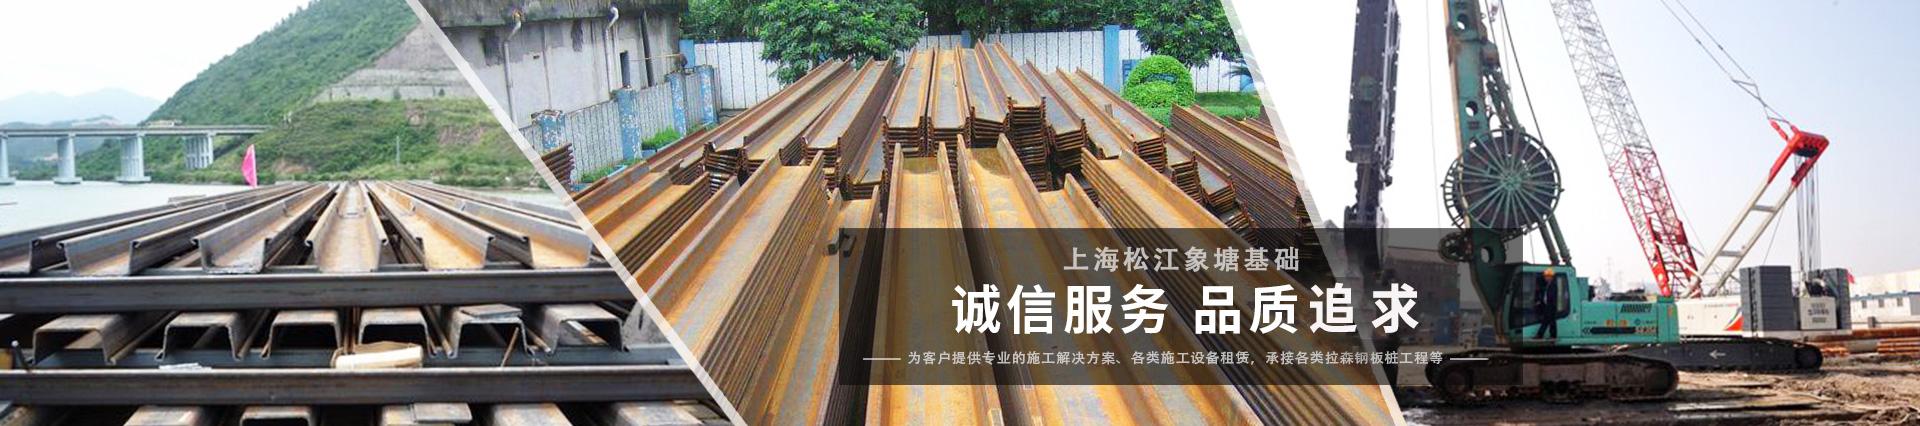 钢板桩支护